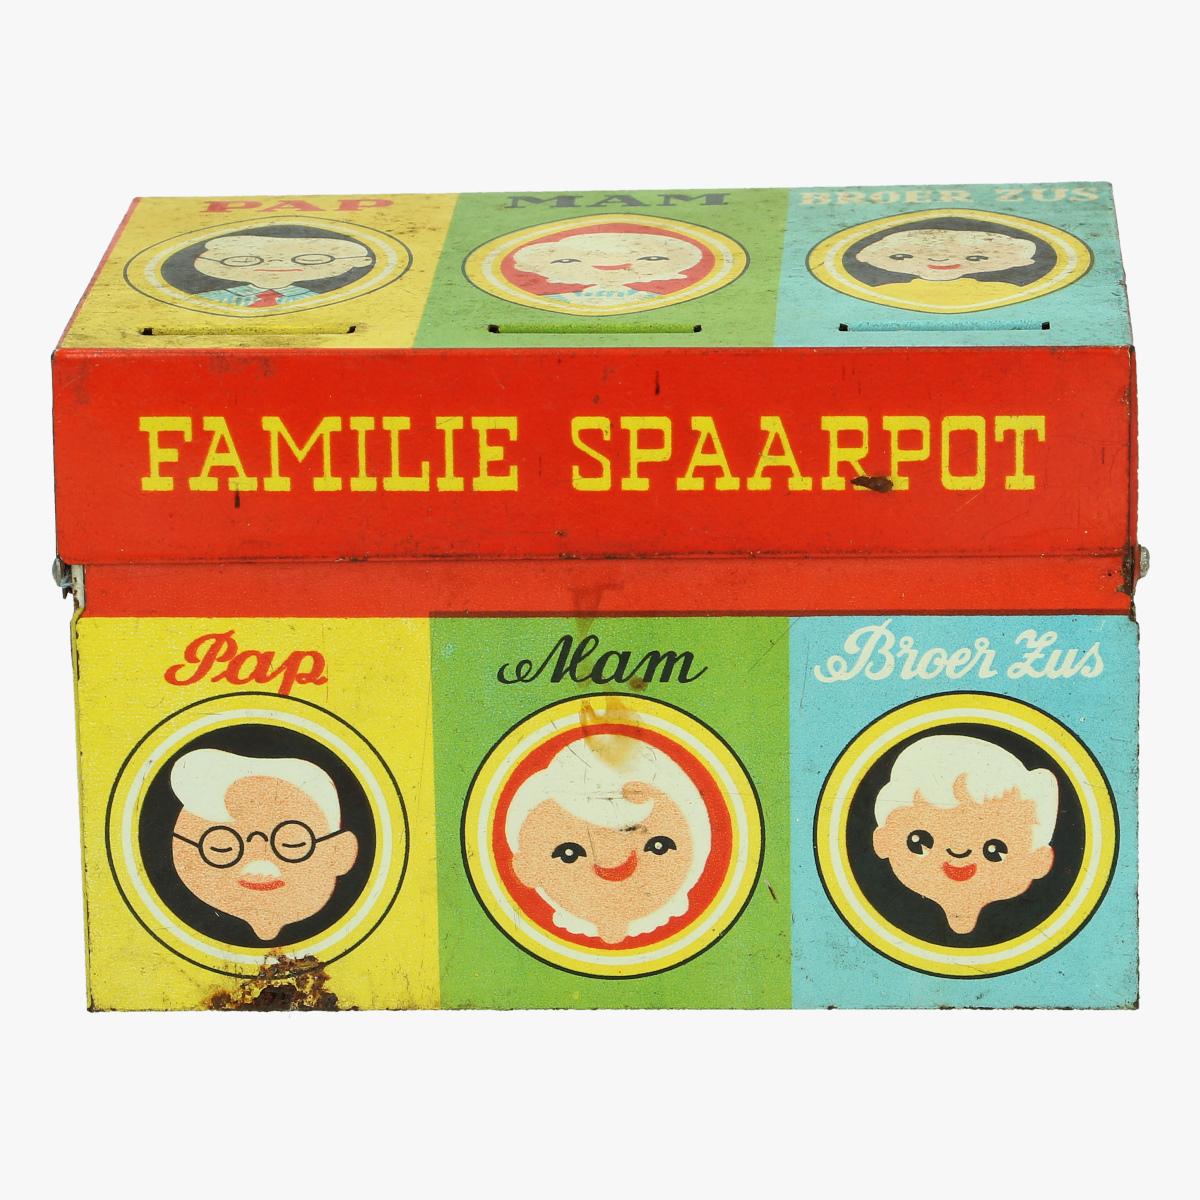 Afbeeldingen van blikken familie spaarpot